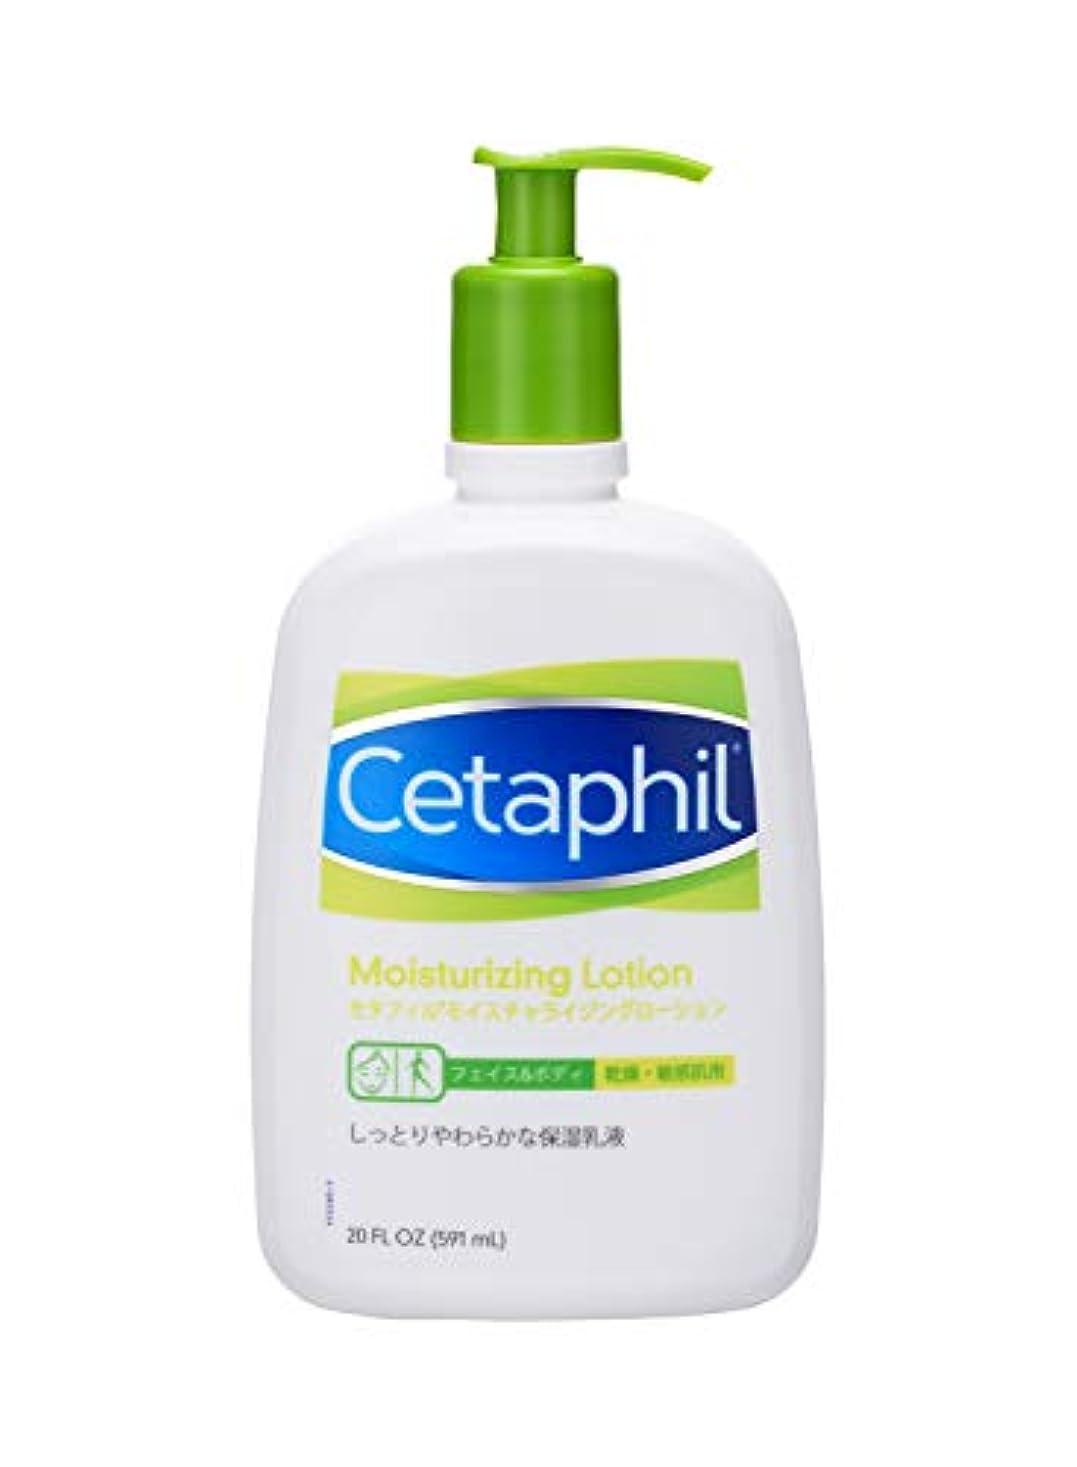 スチュワード今日休みセタフィル Cetaphil ® モイスチャライジングローション 591ml ( フェイス & ボディ 保湿乳液 ローション )